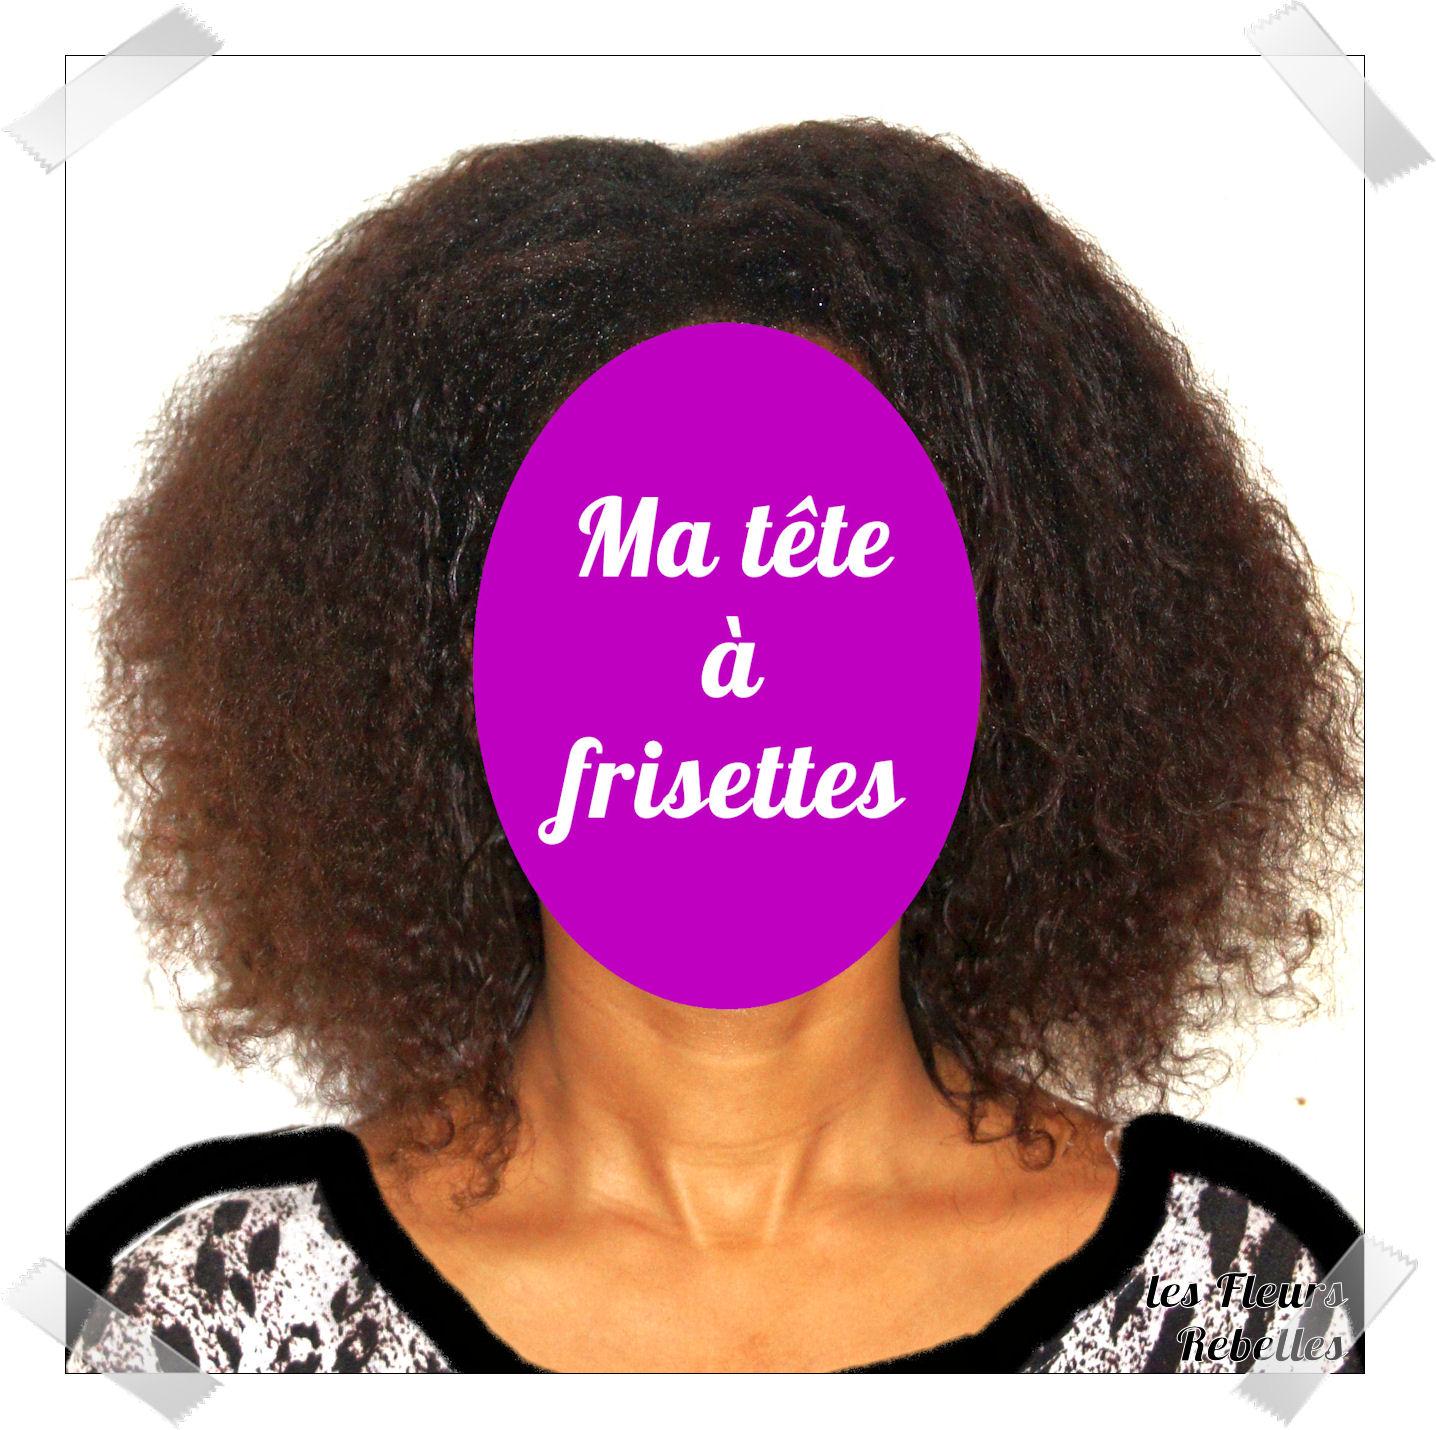 les fleurs rebelles blog lifestyle diy ma routine cheveux tr s secs arides et fris s. Black Bedroom Furniture Sets. Home Design Ideas